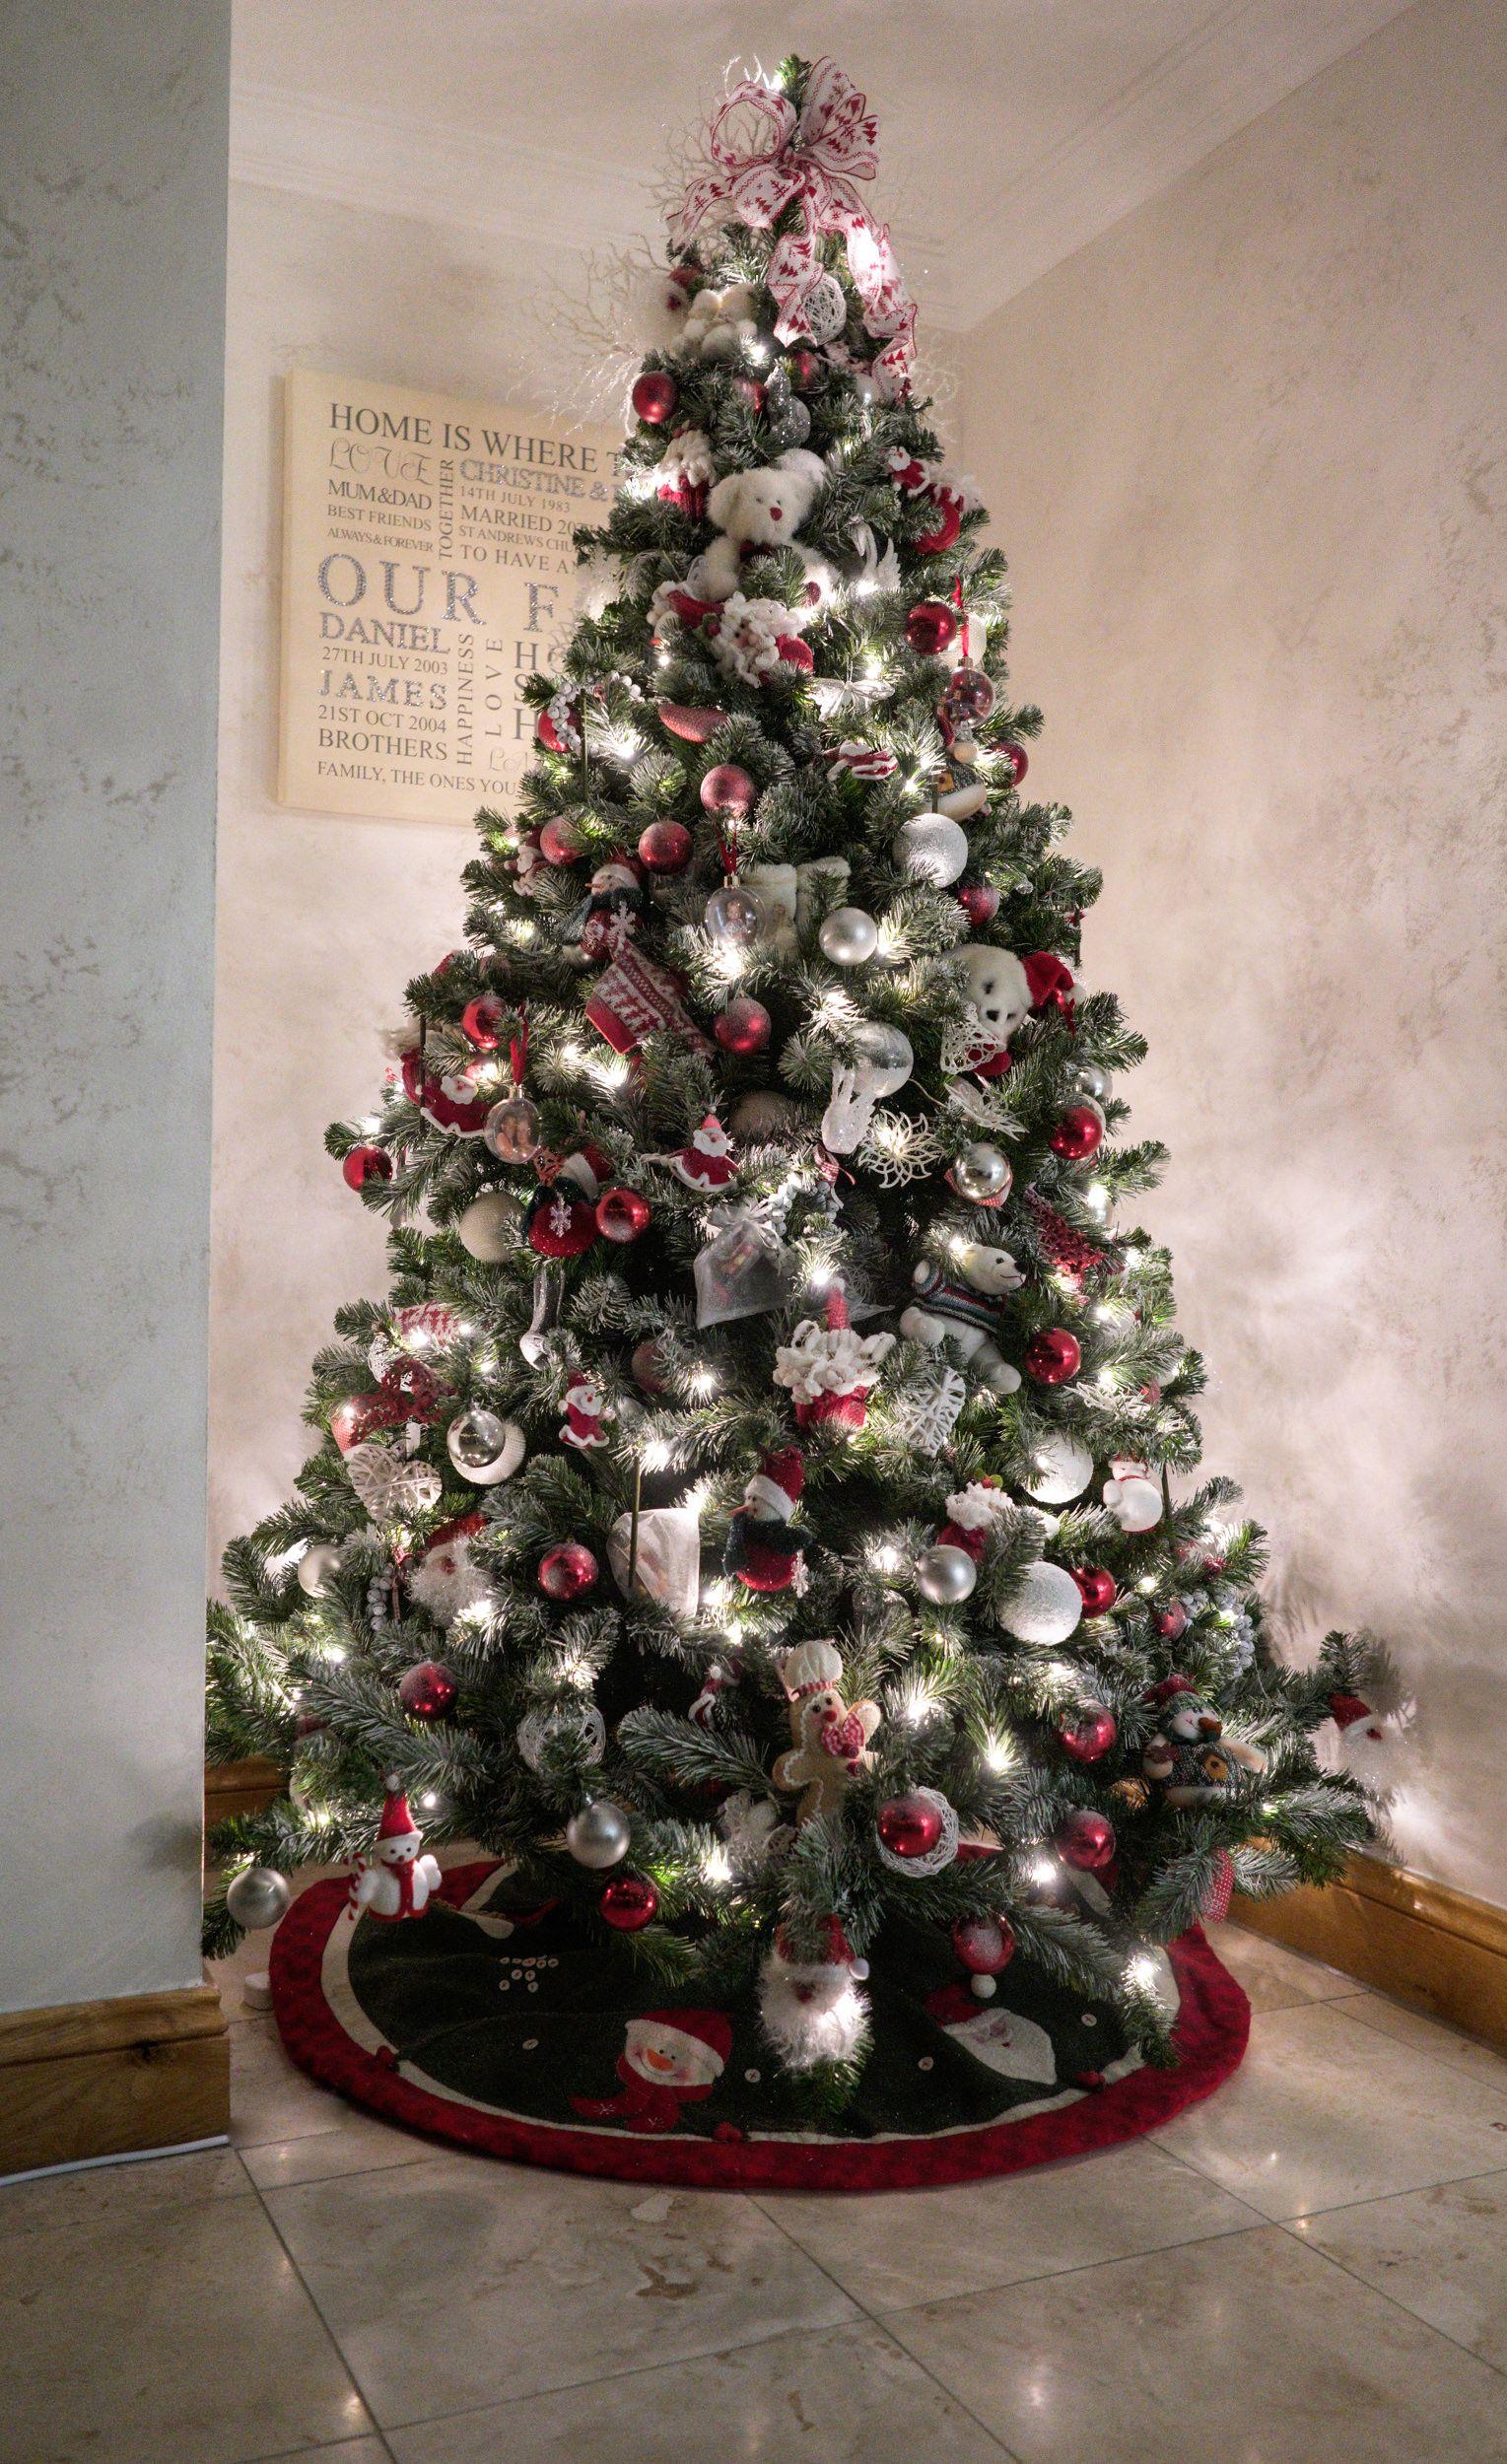 Professional Christmas Decorators In Essex Christmas Essence Christmas Decorations Christmas Holiday Decor